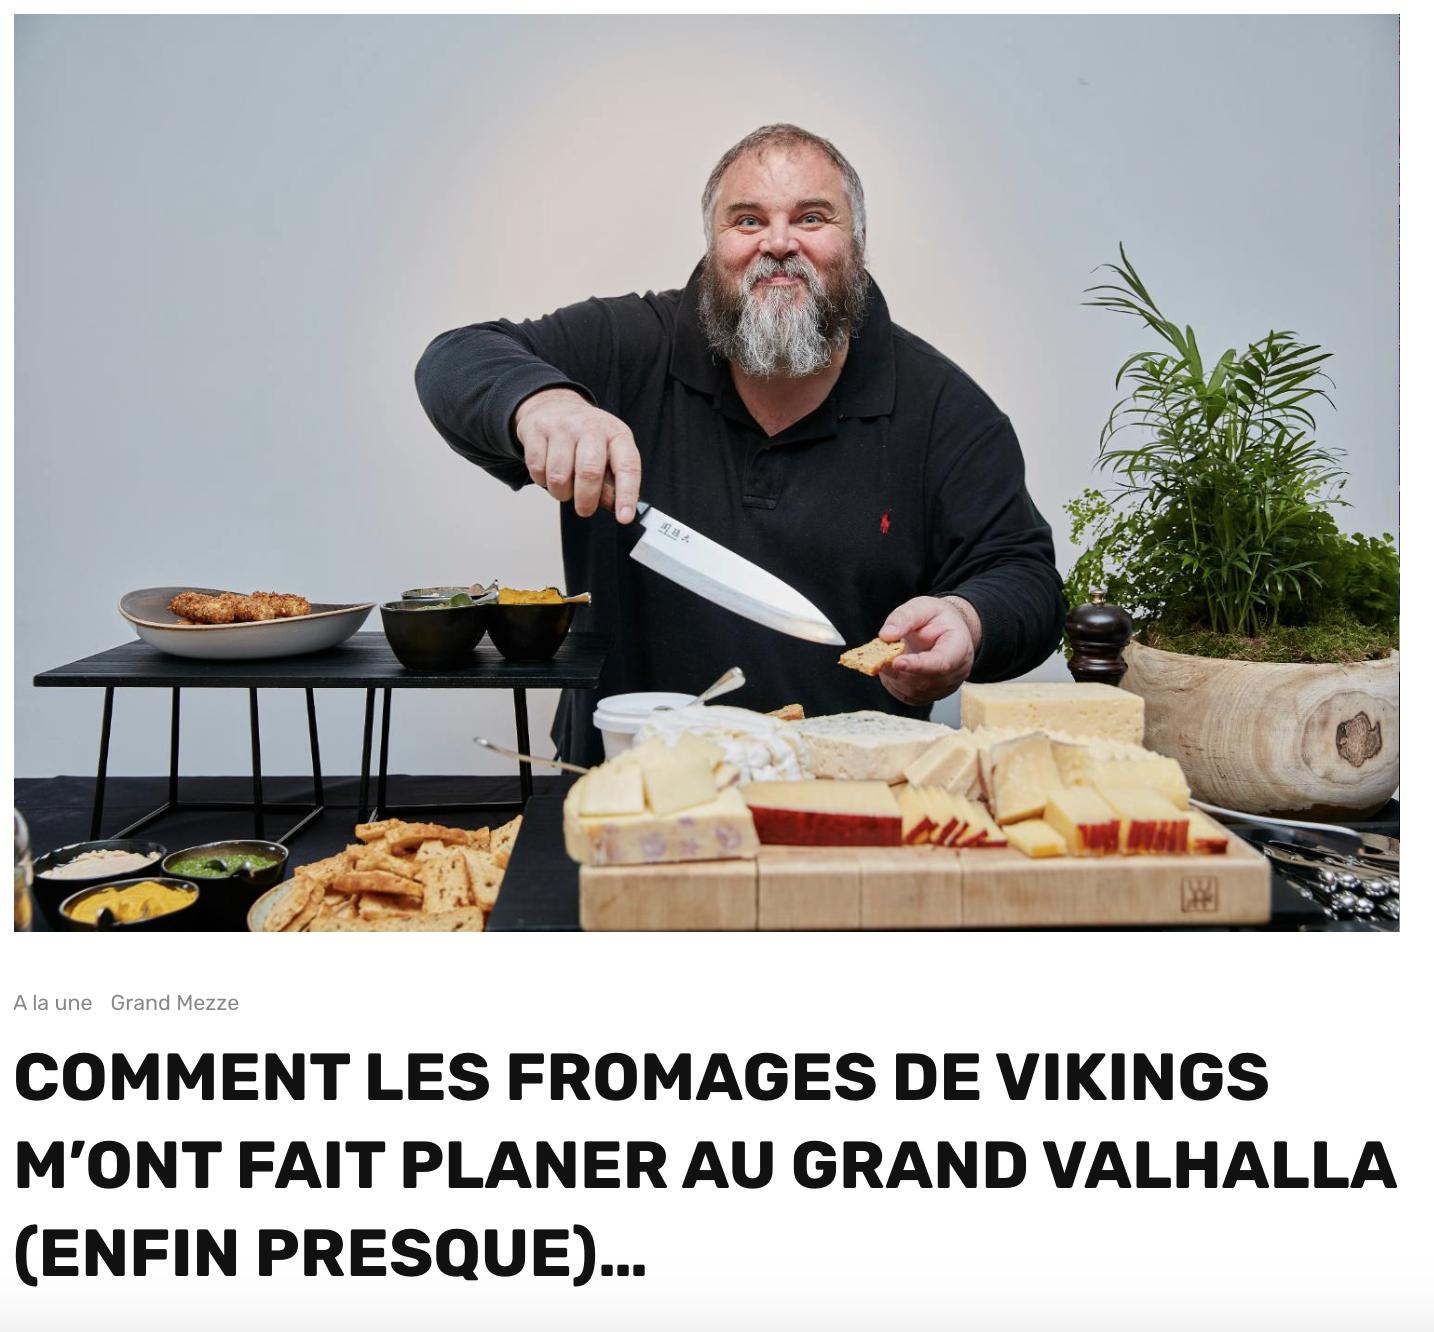 Un exemple  récent de sujet à la Olivier Malnuit pour Grand Seigneur. Je l'avais accompagné sur ce reportage.